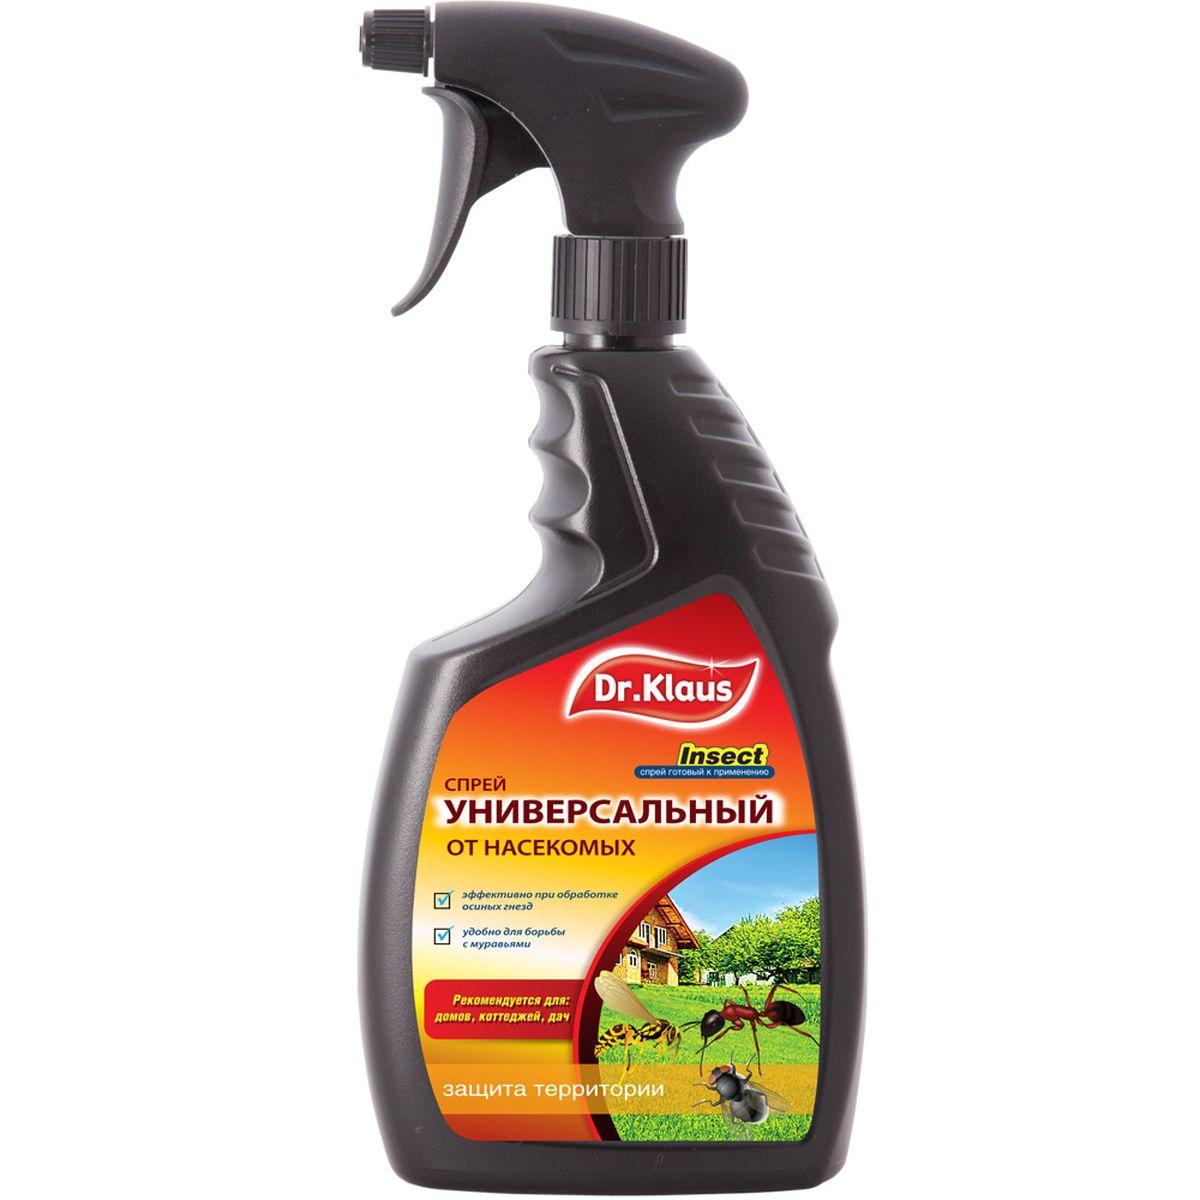 Спрей Dr.Klaus, универсальный, от насекомых, 750 млDK 04-26-001-1Для уничтожения ос, мух, комаров, мошек, муравьев, клещей, блох, тараканов, клещей и других насекомых и их личинок вокруг дачи, коттеджа, на террасах, верандах, стенах, фундаменте, дорожках. Эффективно борется с рядом насекомых – вредителей: майский жук, совки, тли, долгоносики, цикадки, минирующие насекомые, клеверный клещ, луговой мотылек, проволочники (жуки-щелкуны), трипсы, паутинные клещи, белокрылки, листоеды, пилильщики, кольчатый коконопряд, непарный шелкопряд, лунка серебристая, щитовка сосновой хвои, мешочница поденкоподобная, златогузка, шелкопряд, монашенка.